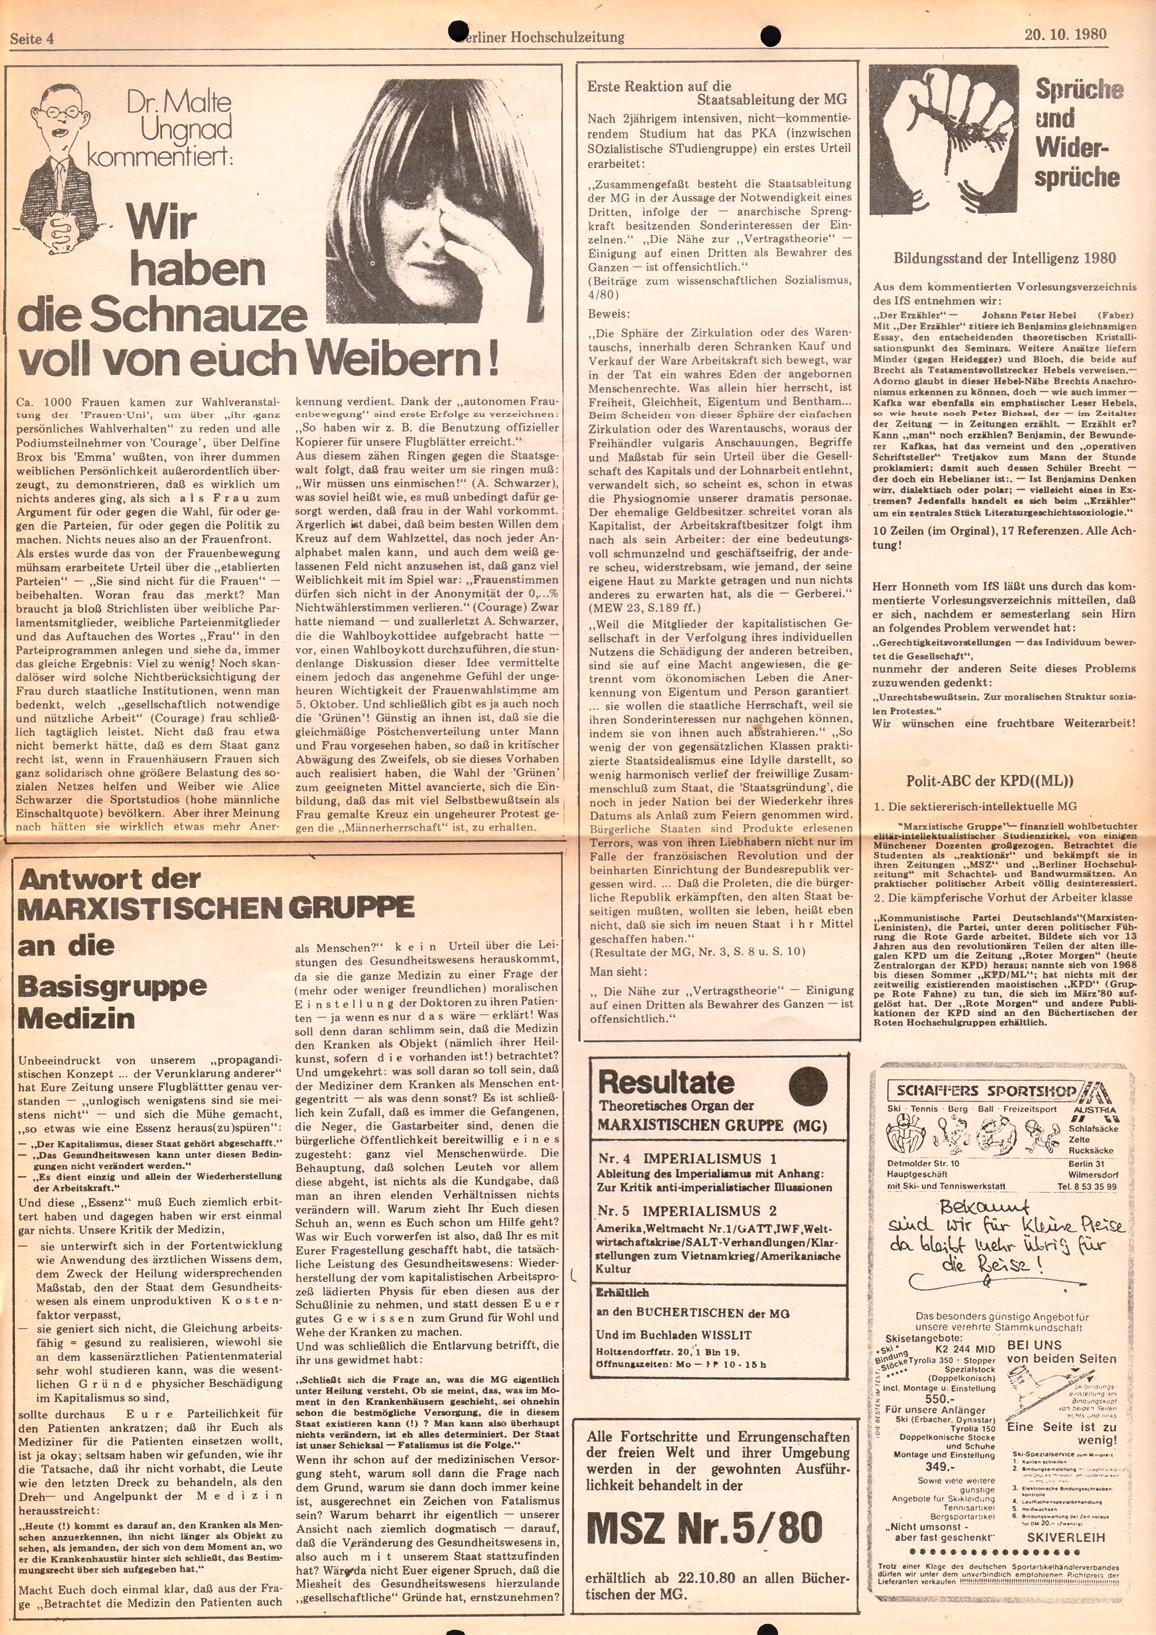 Berlin_MG_Hochschulzeitung_19801020_04